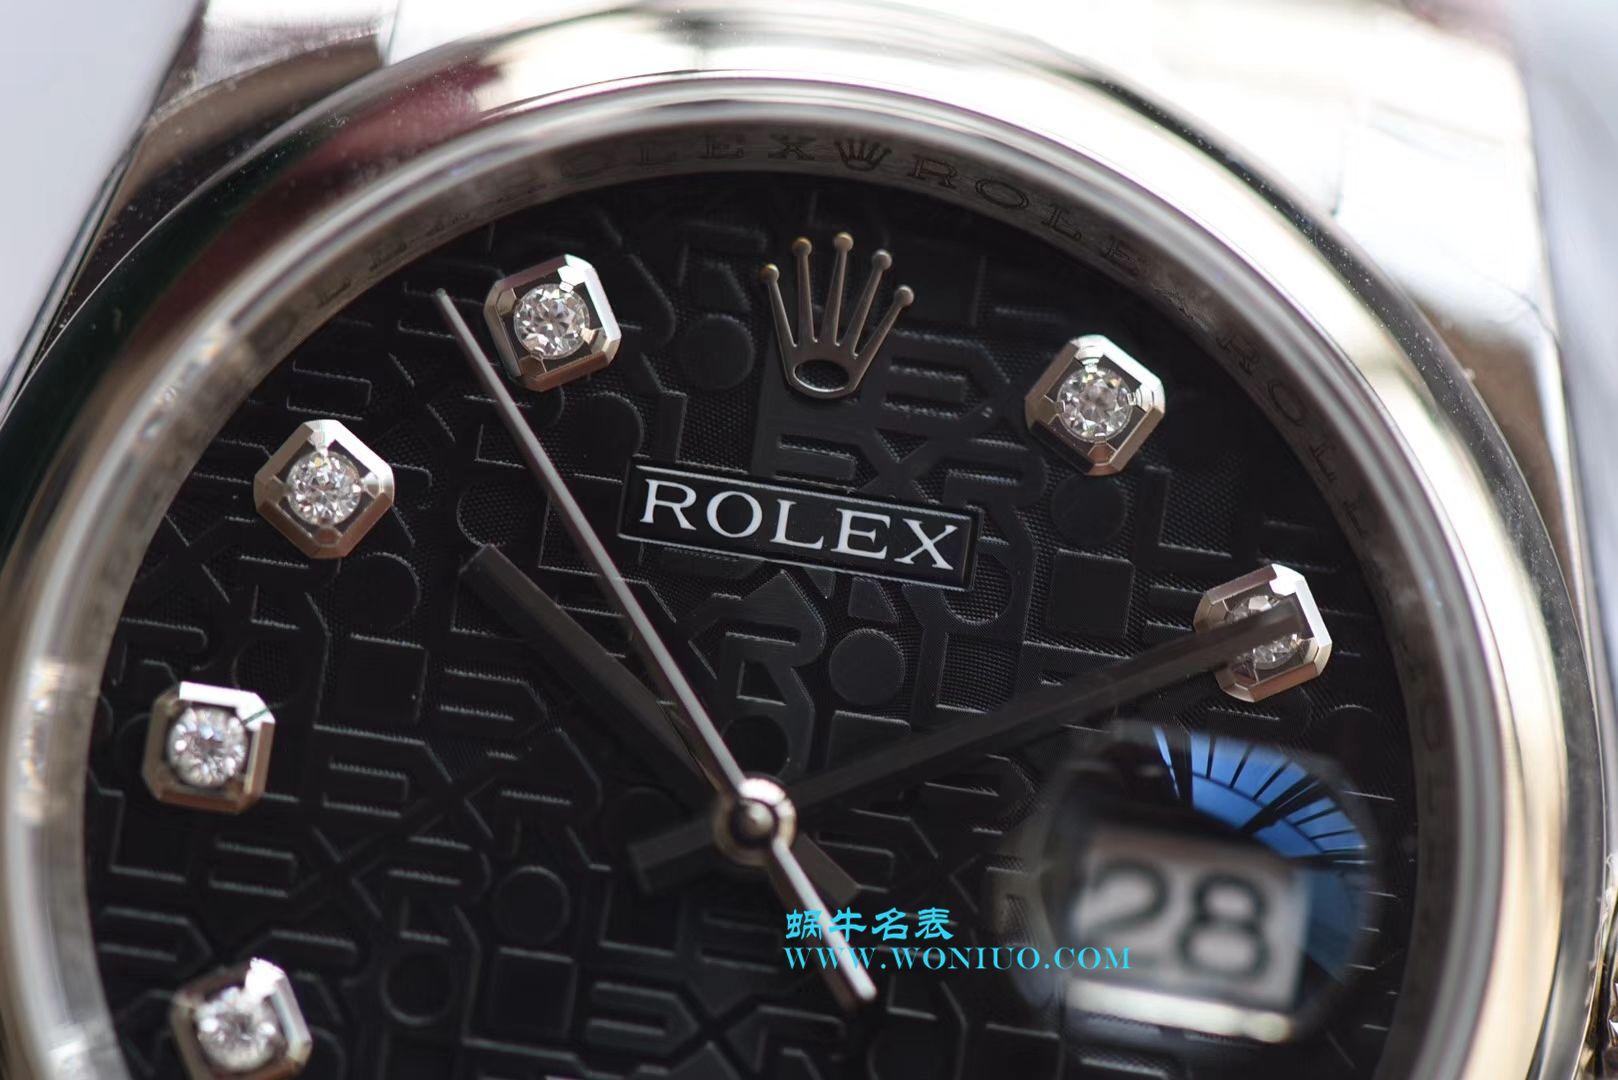 【DJ一比一超A高仿手表】劳力士36日志型系列116234黑纪念花纹盘镶钻腕表 / R211